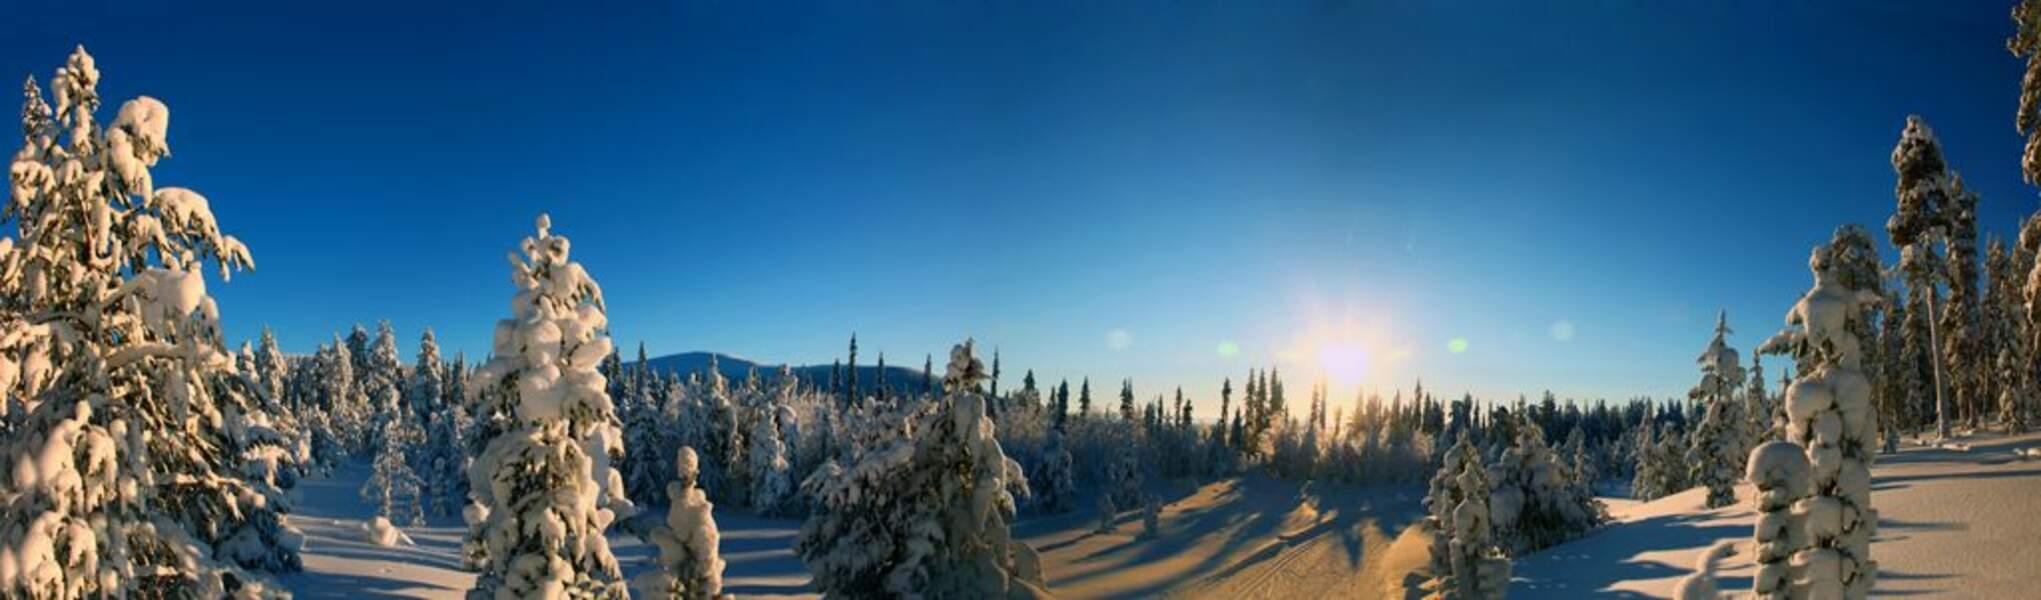 Photo prise en Laponie (Finlande) par le GEOnaute : chiquito